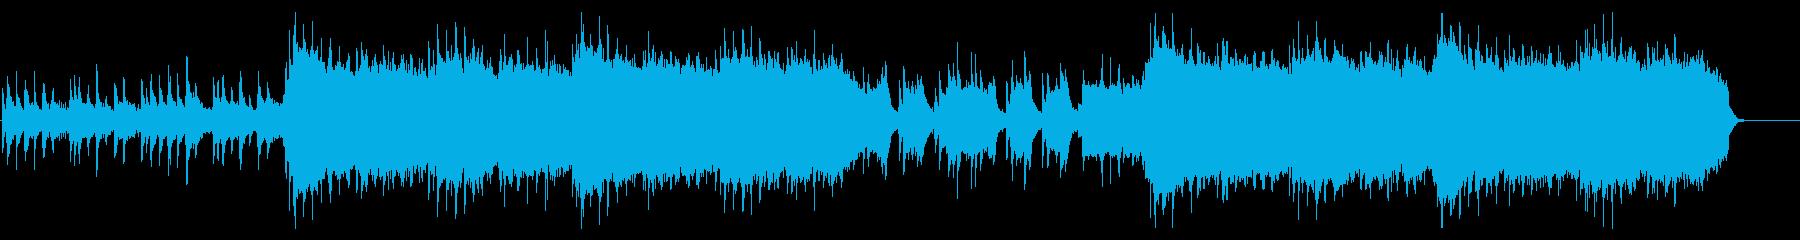 【リズム抜】日本/琴/壮大な和風/美しいの再生済みの波形